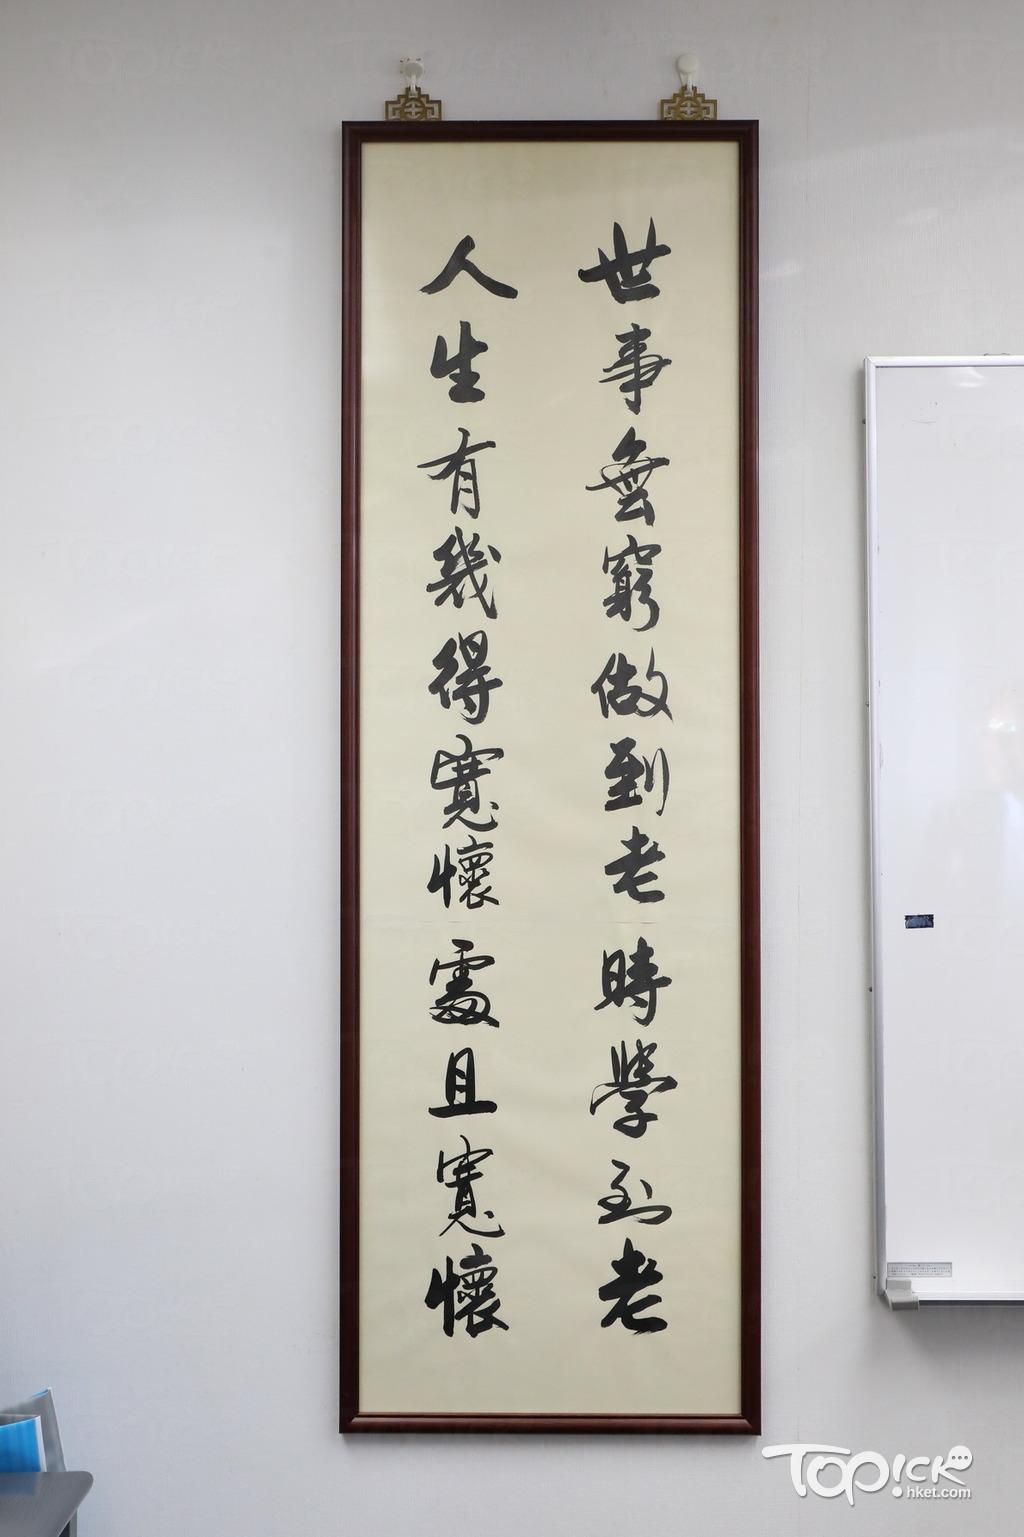 【转载】(959) 李純恩《如此可保平安》&【和联·孙秉枢·世事无穷】《人生苦短》Julia